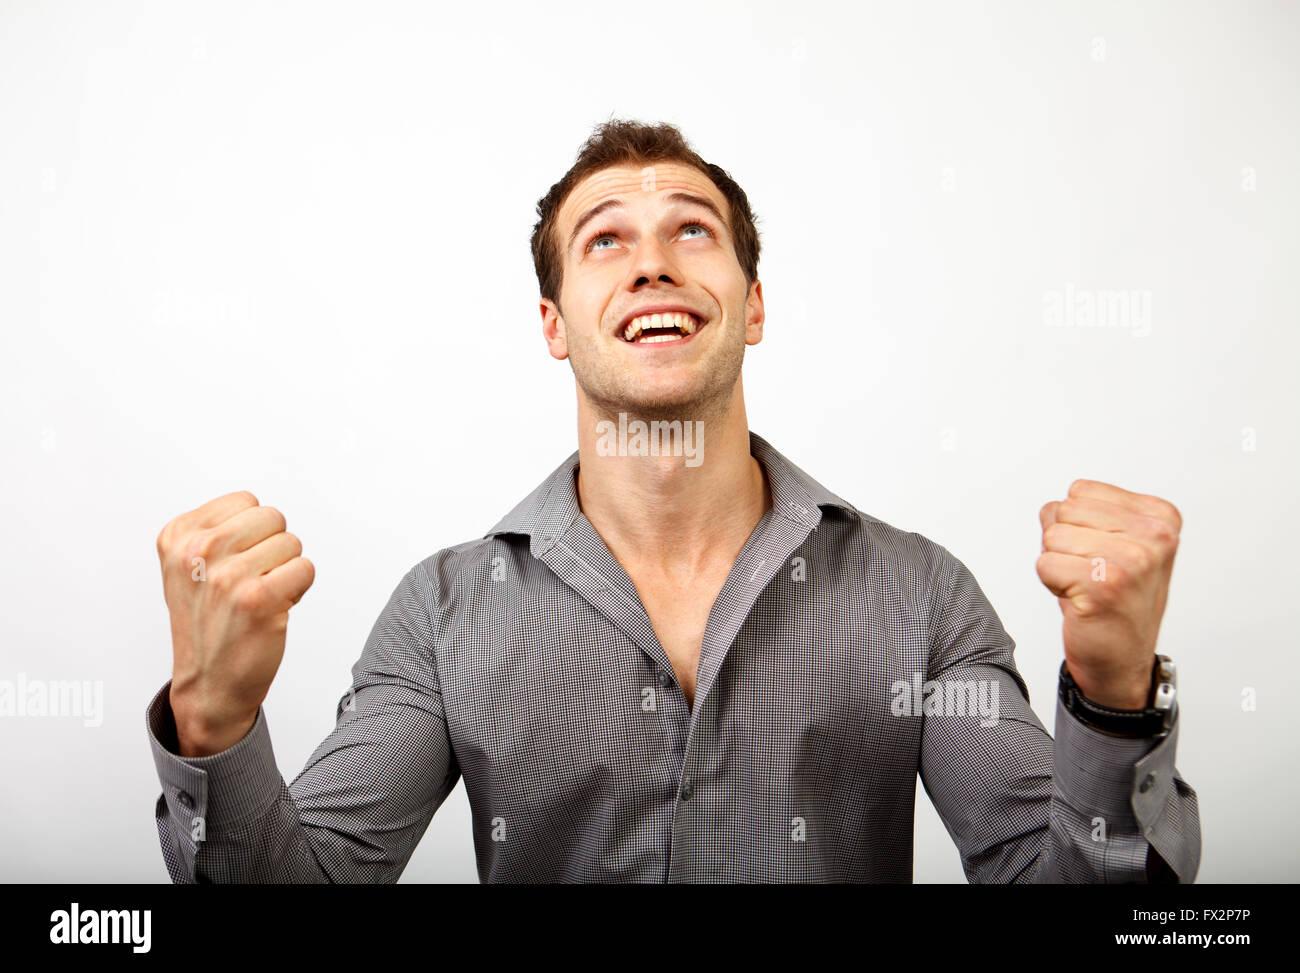 Entusiasta vincitore maschio che esprimono la vittoria e il successo. Business di successo uomo isolato su grigio Immagini Stock